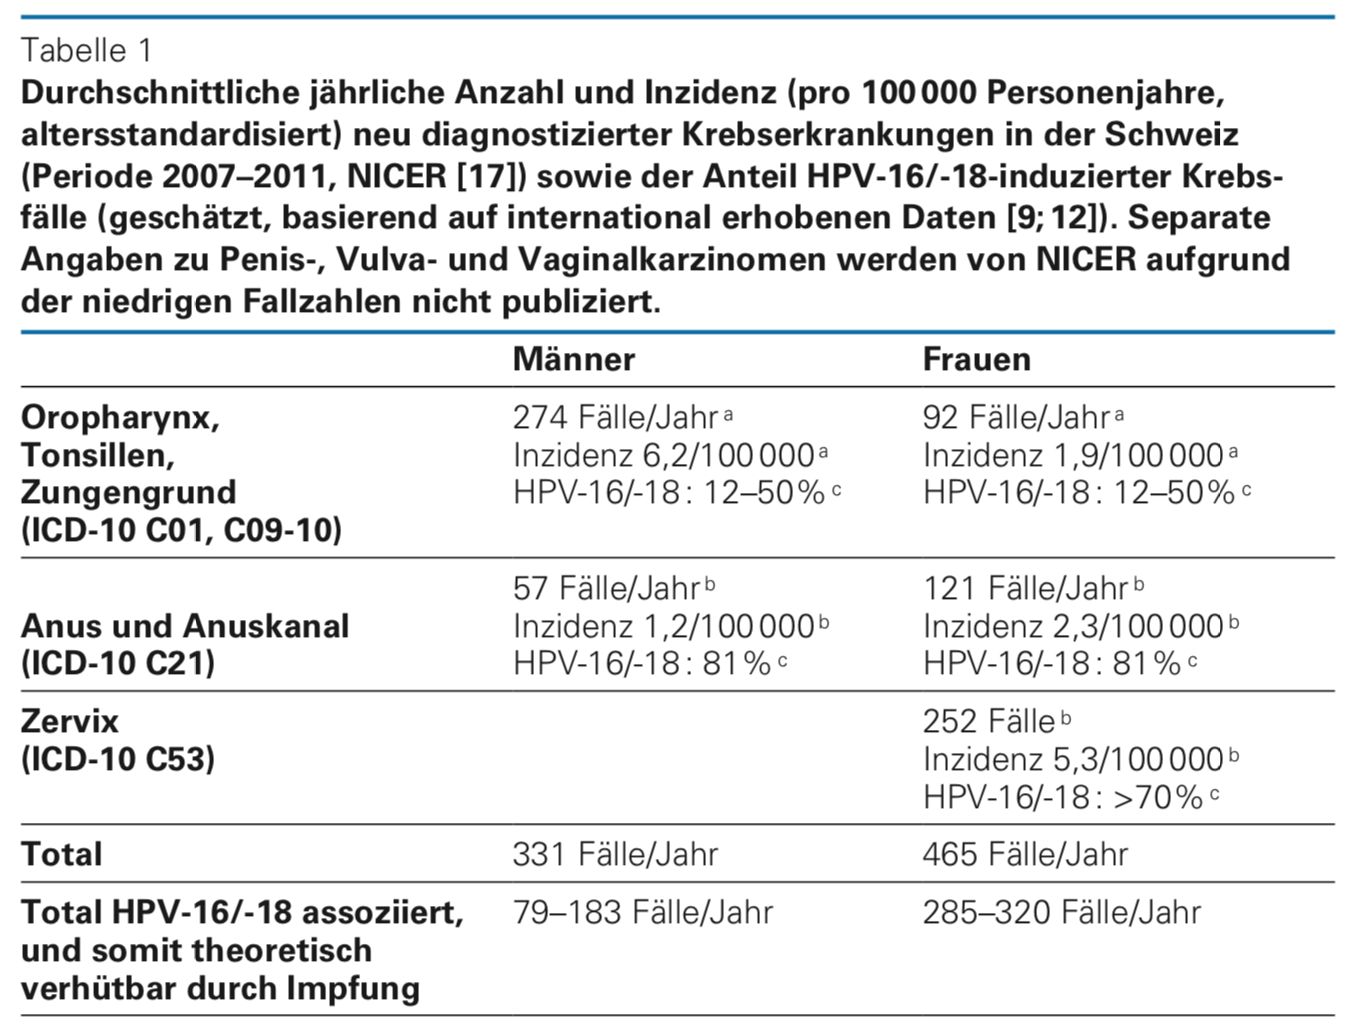 hpv impfung kosten endometrium rák pten